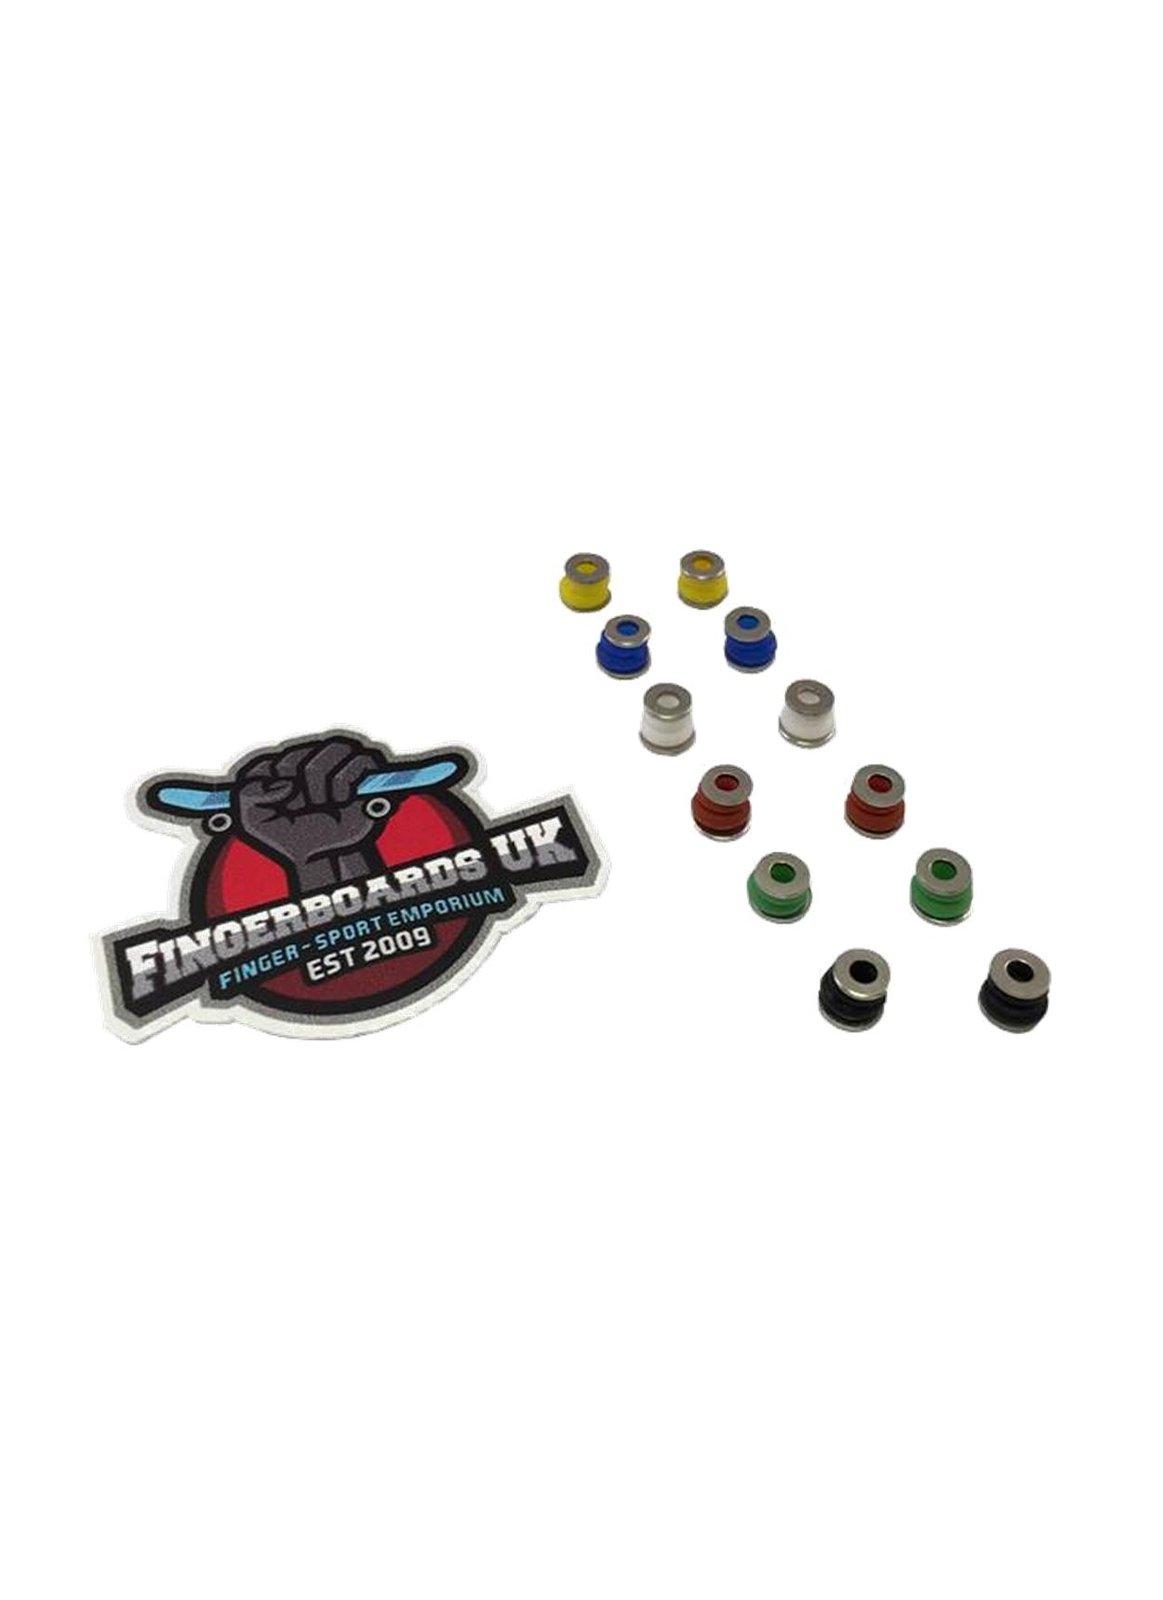 Fingerboards UK Rubber Bushings & Metal Washer Kit